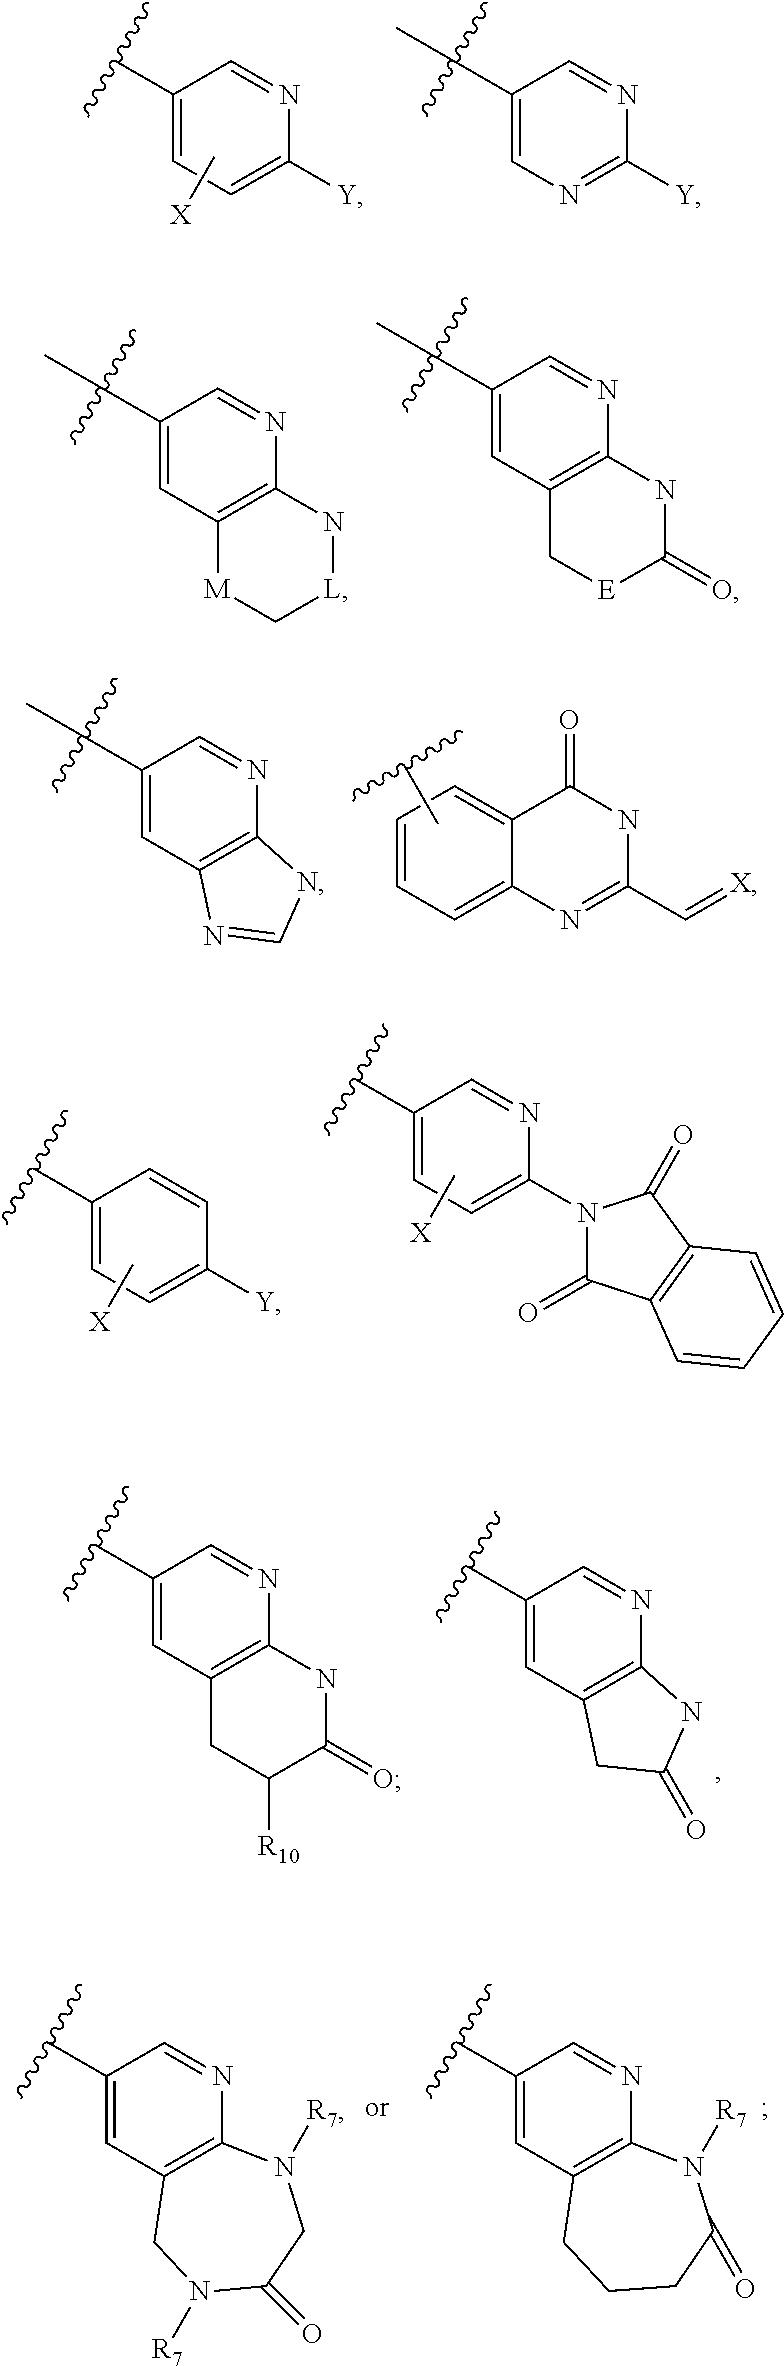 Figure US07879872-20110201-C00028